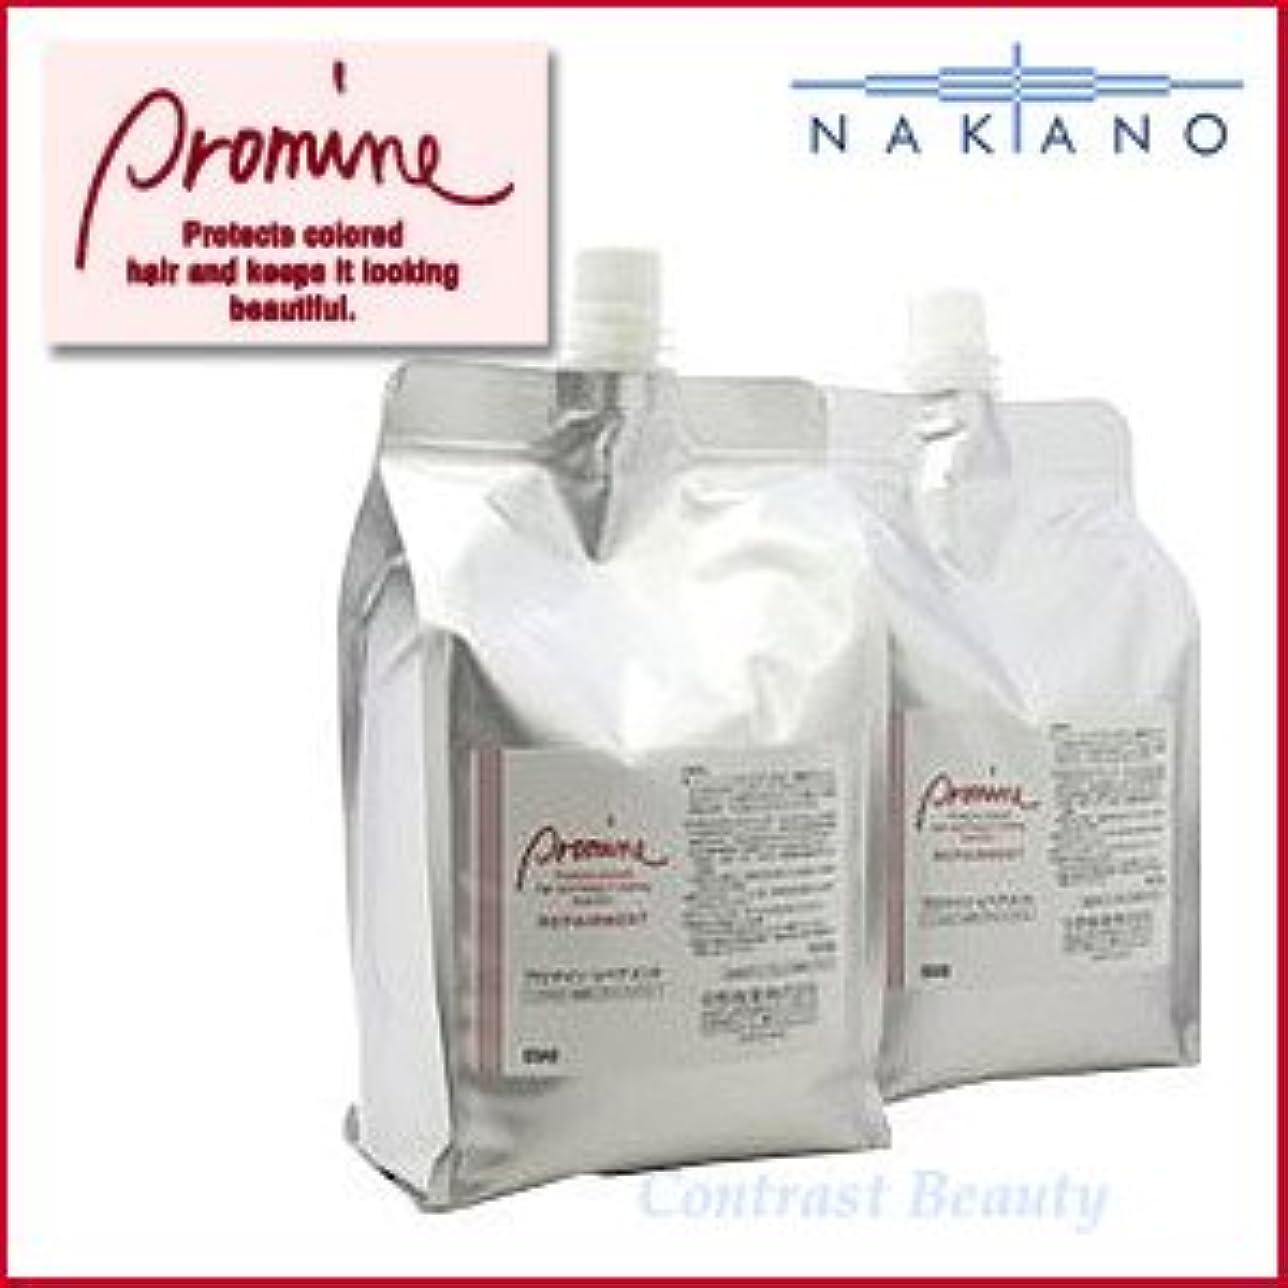 カロリーどきどき接続詞ナカノ プロマイン リペアメント 3000g(1500g×2)レフィル